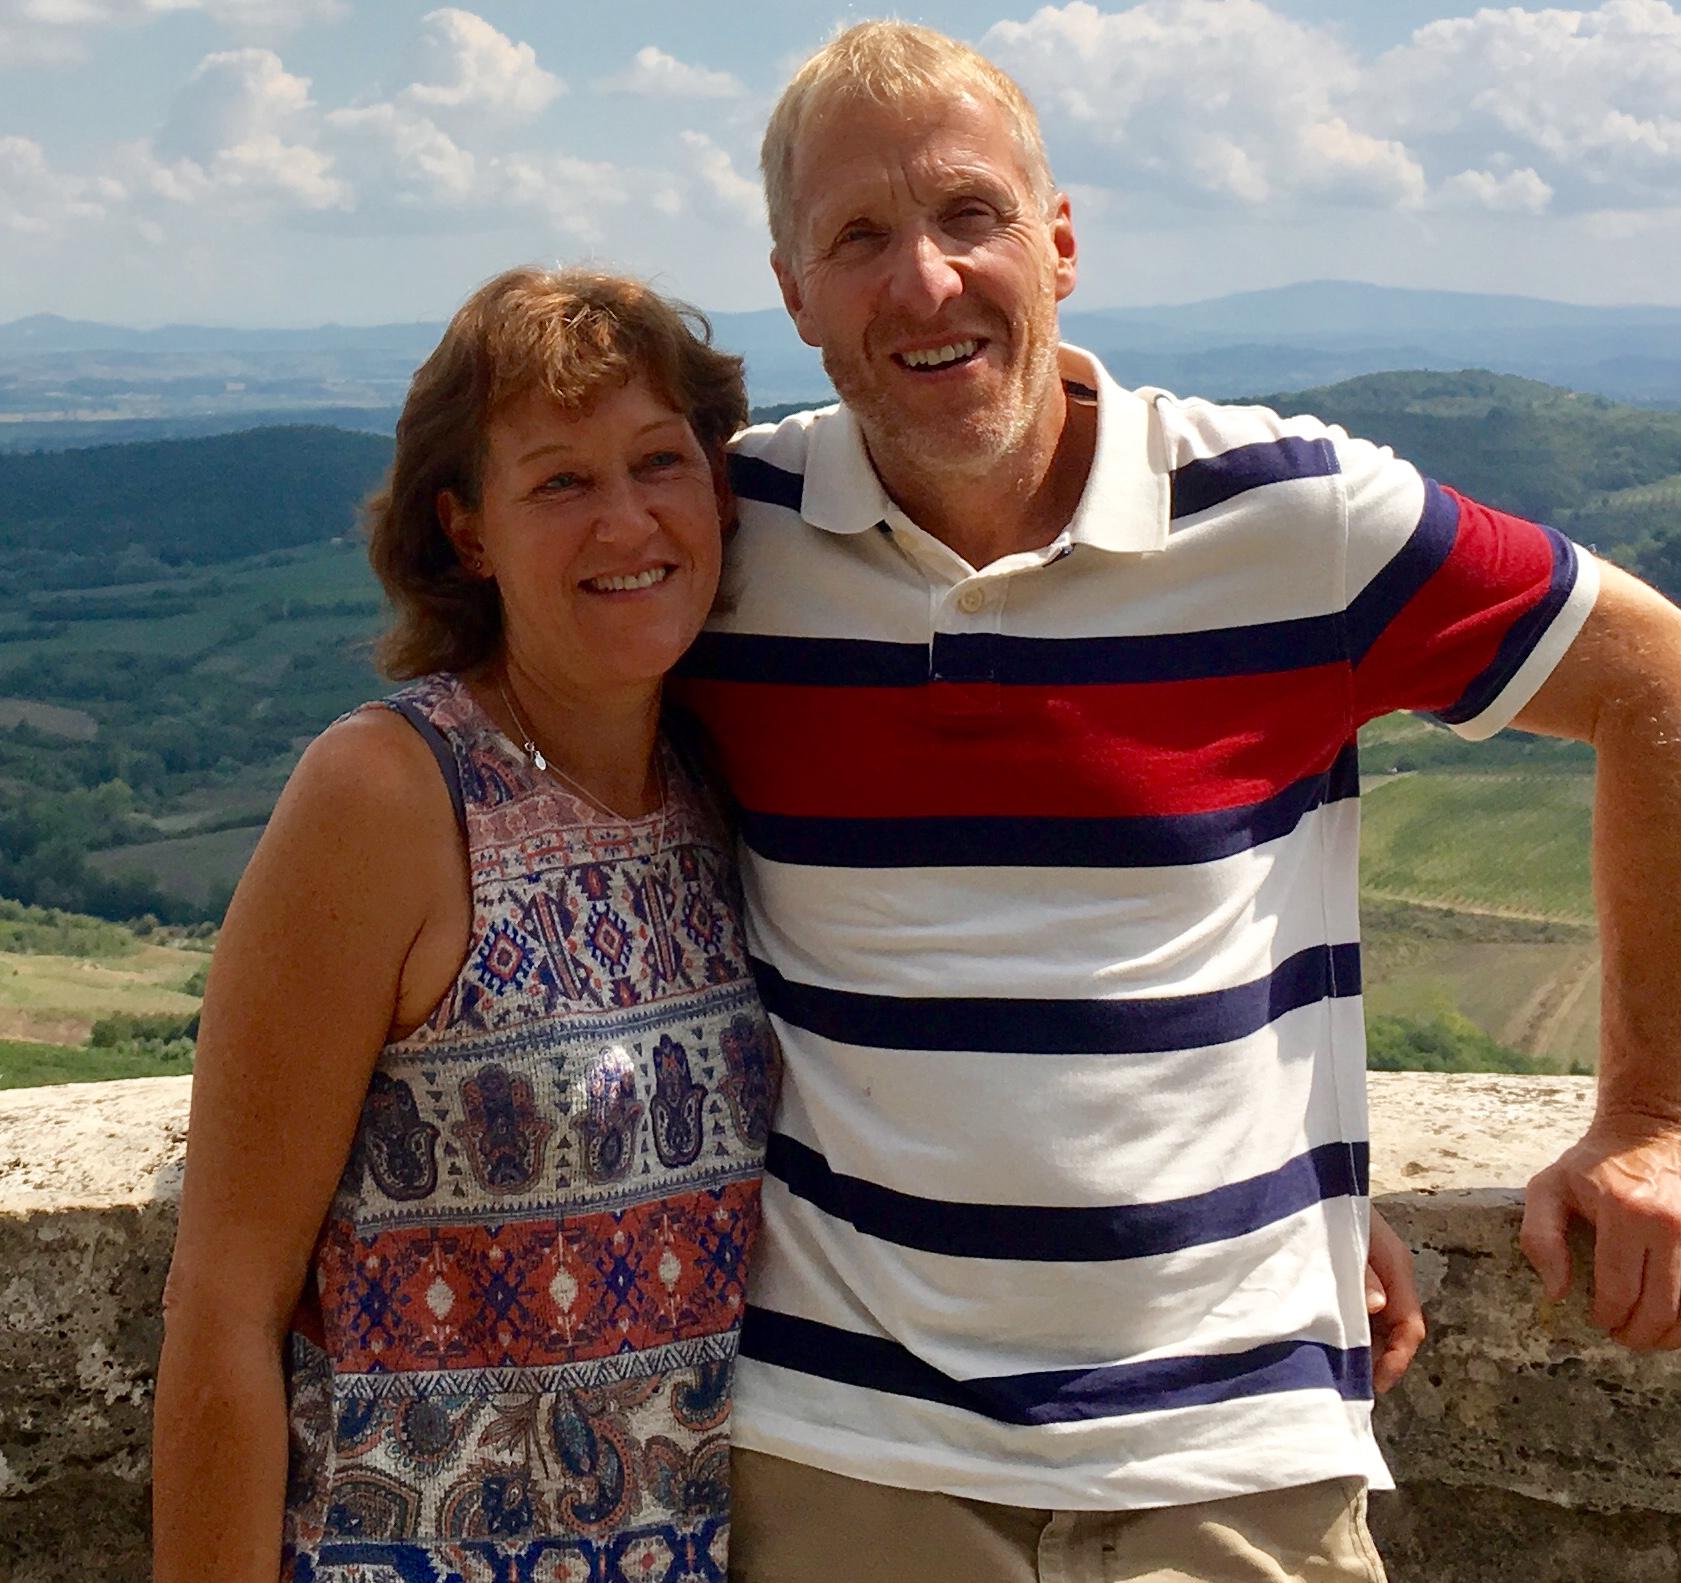 Tim and Paula